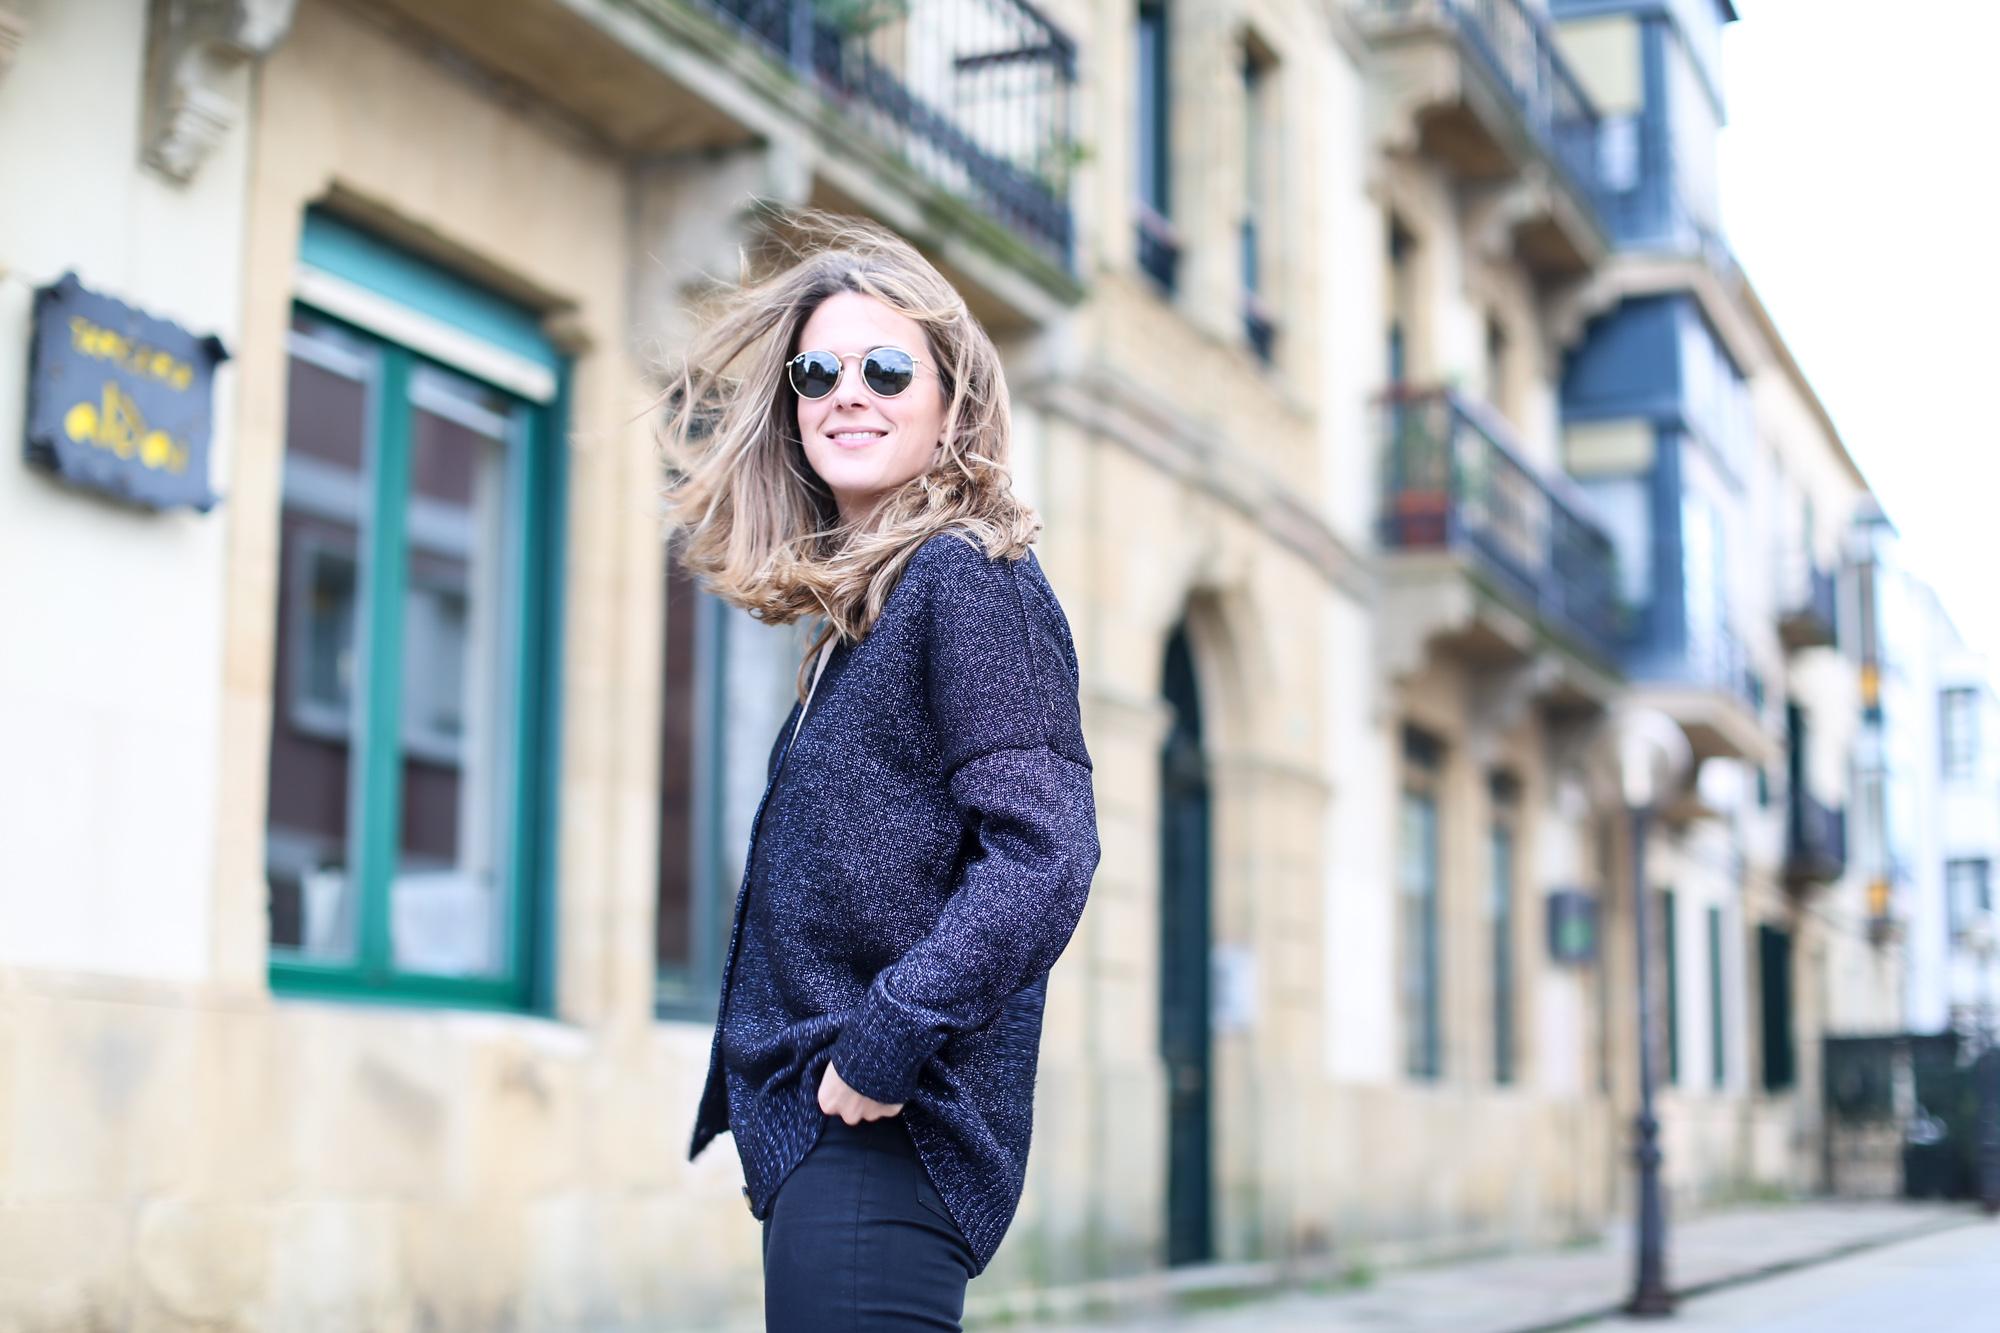 Clochet_streestyle_fashionblogger_topshopjamiejeans_zaranavyglitterknit_furcoat-5